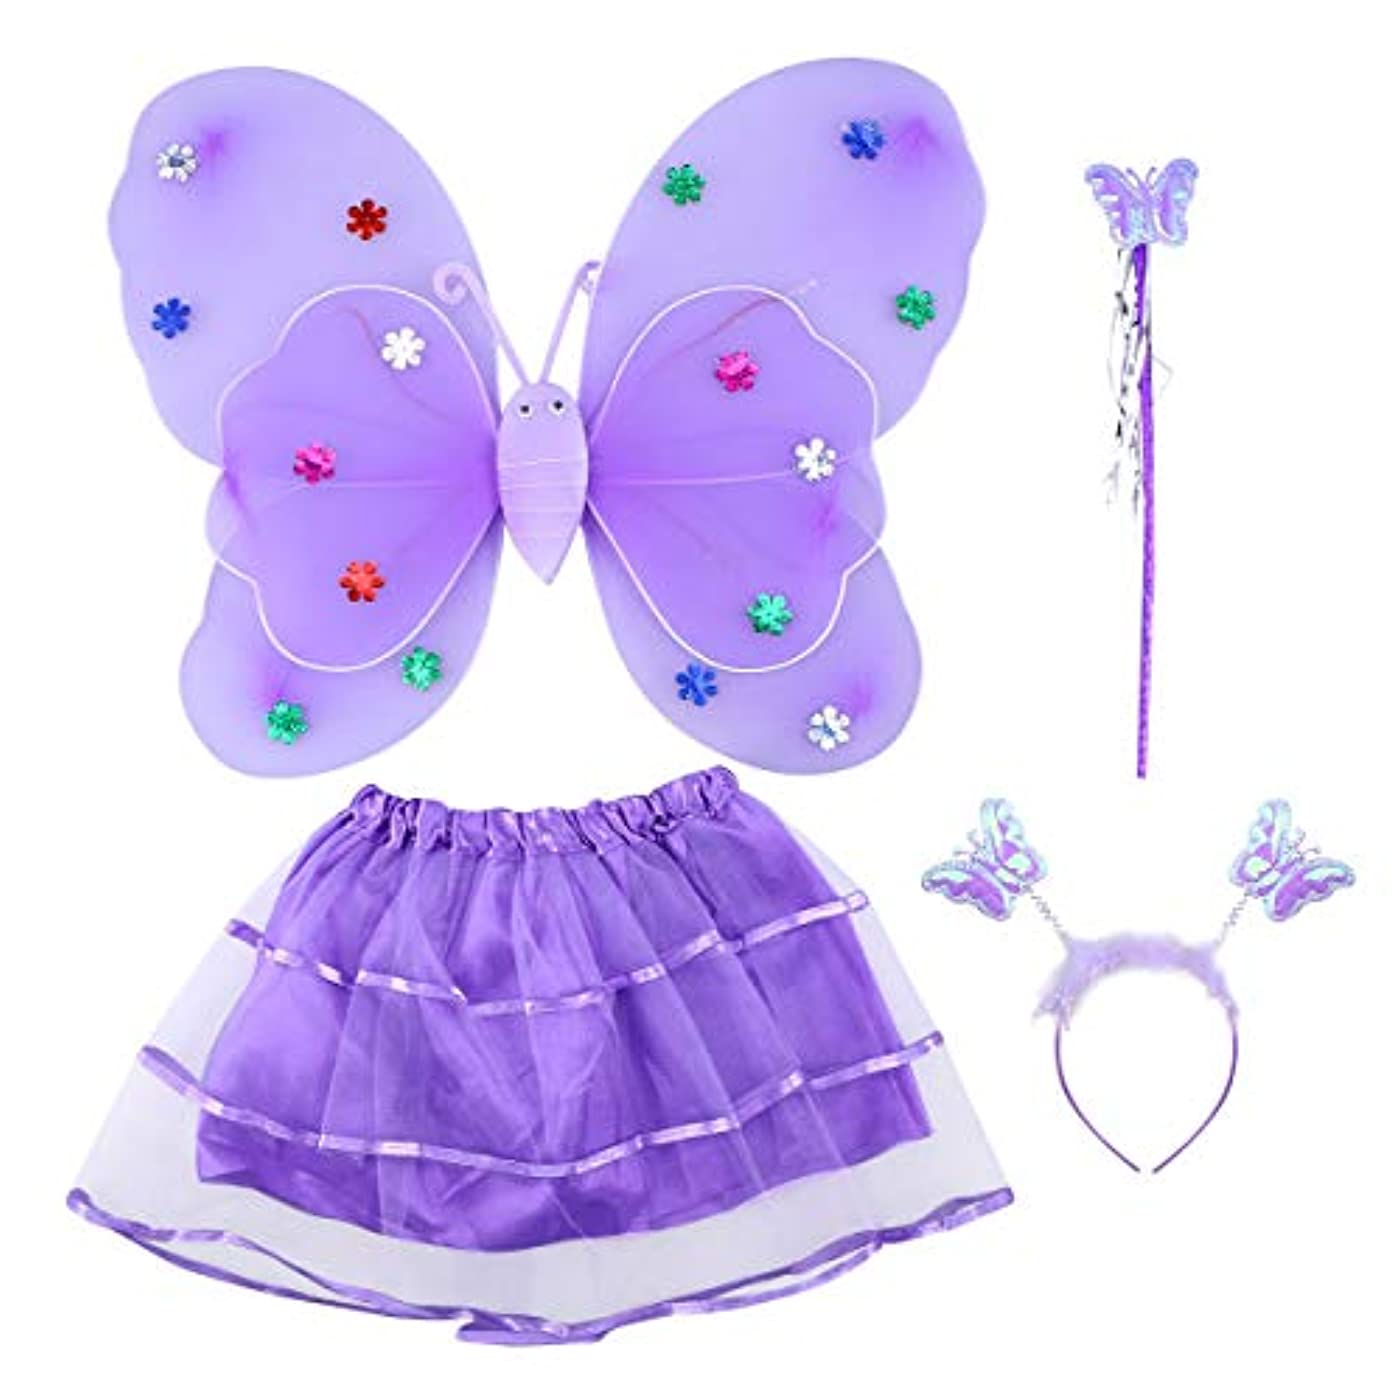 不愉快雄弁な家BESTOYARD 4本の女の子のチュチュスカート蝶の羽の杖LEDライトフェアリーコスチュームセット二重層蝶の羽の杖ヘッドバンドパーティーコスチュームセット(パープル)